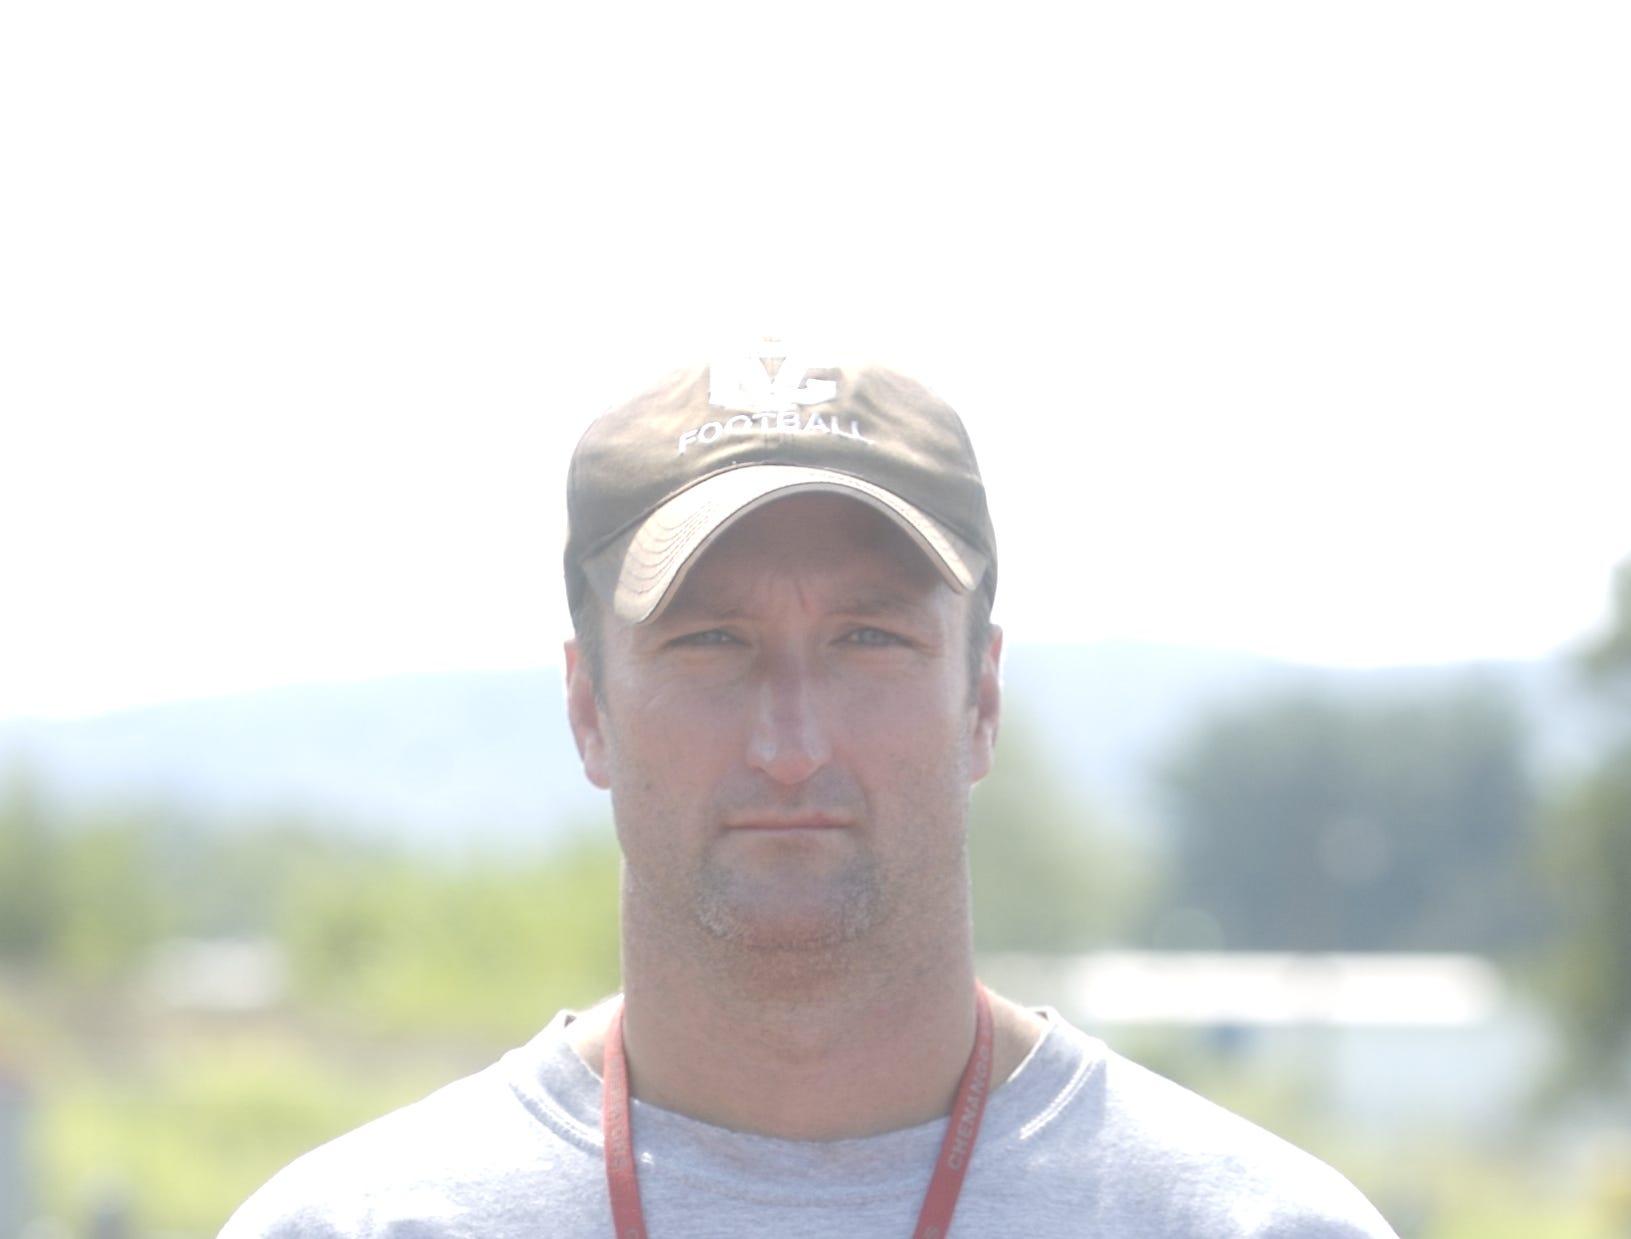 From 2009: Chenango Valley football, Head Coach Jay Hope